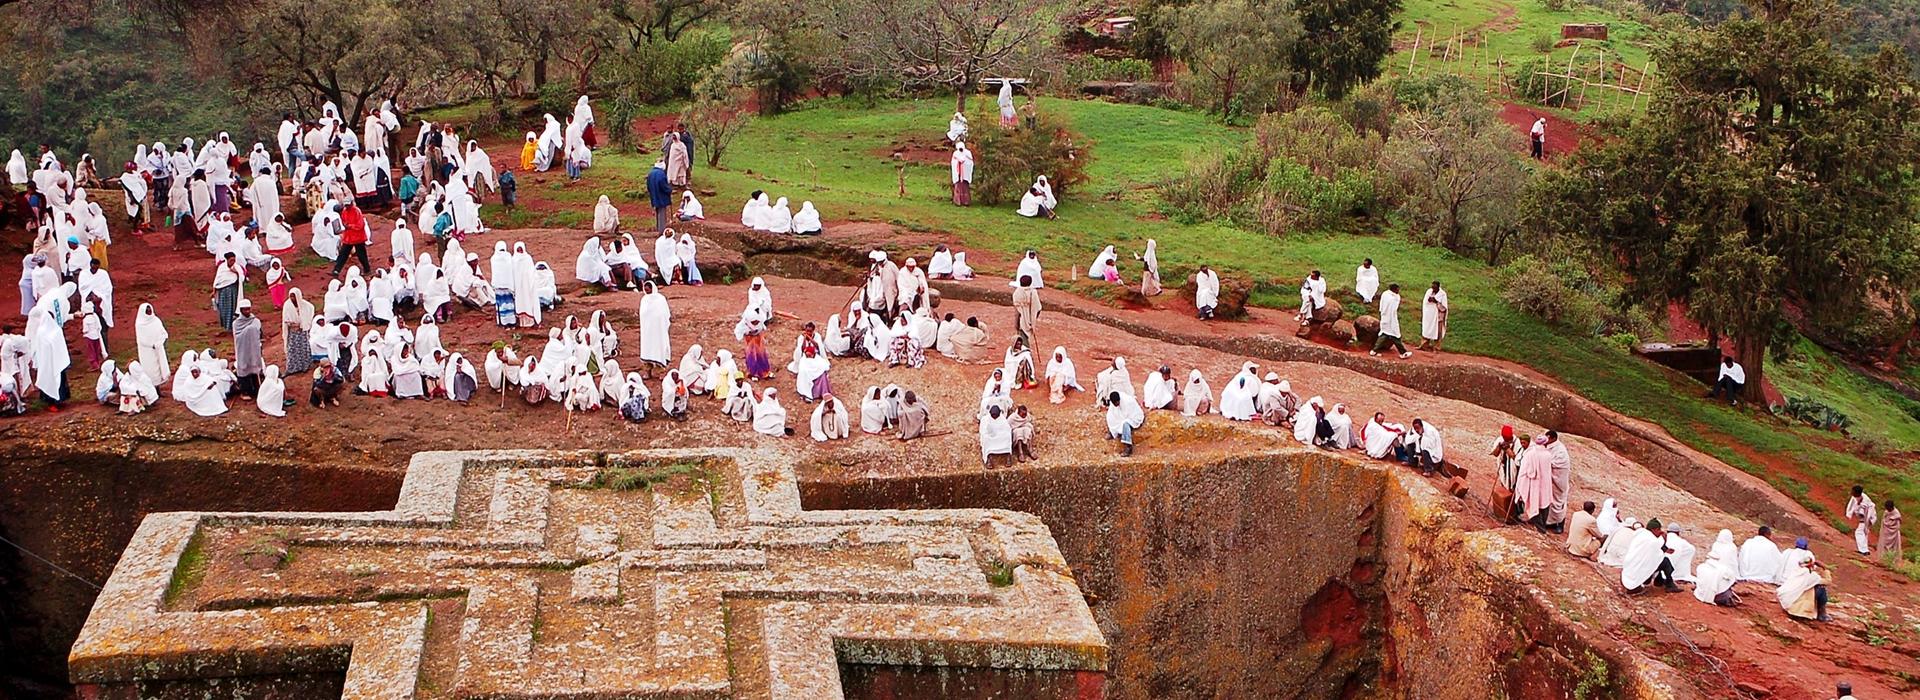 10 Days Ethiopia Highlights Tours